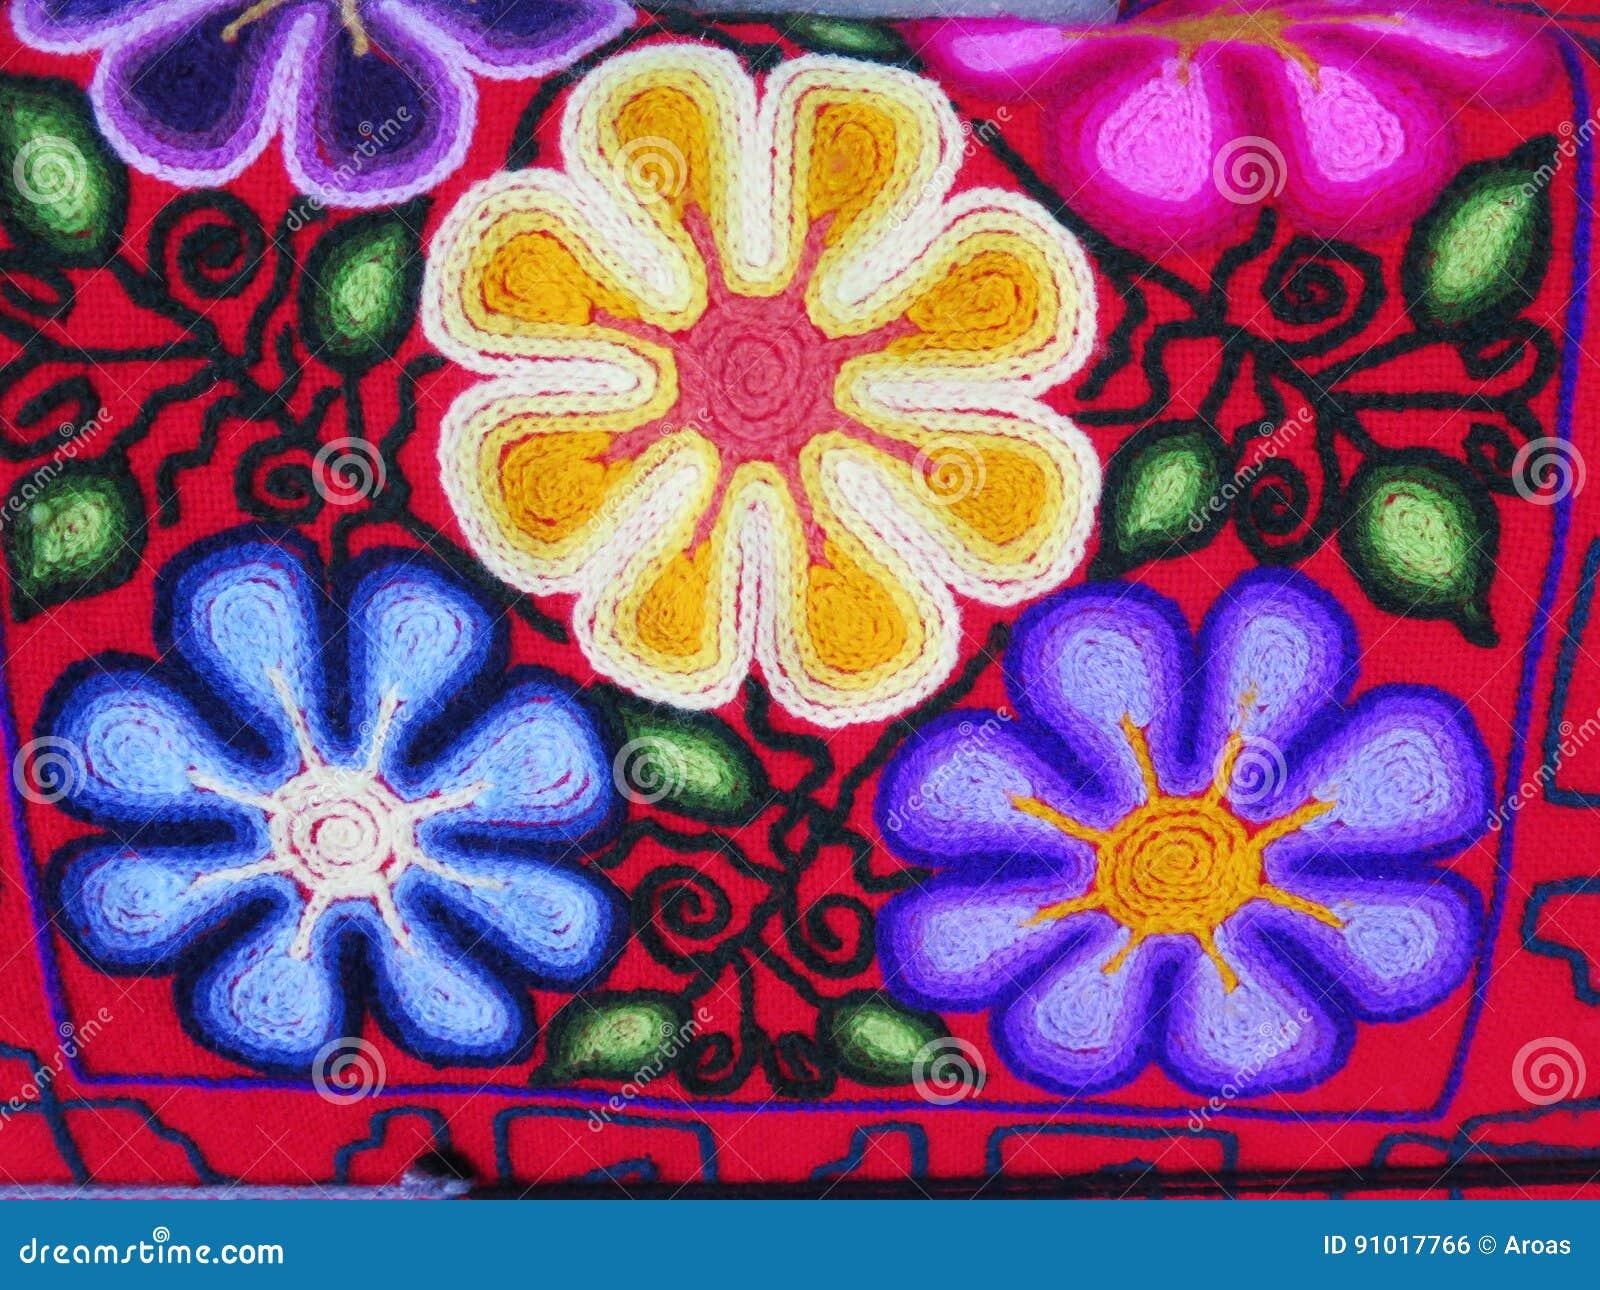 Peruvian Hand Made Flower Woolen Fabric Stock Photo